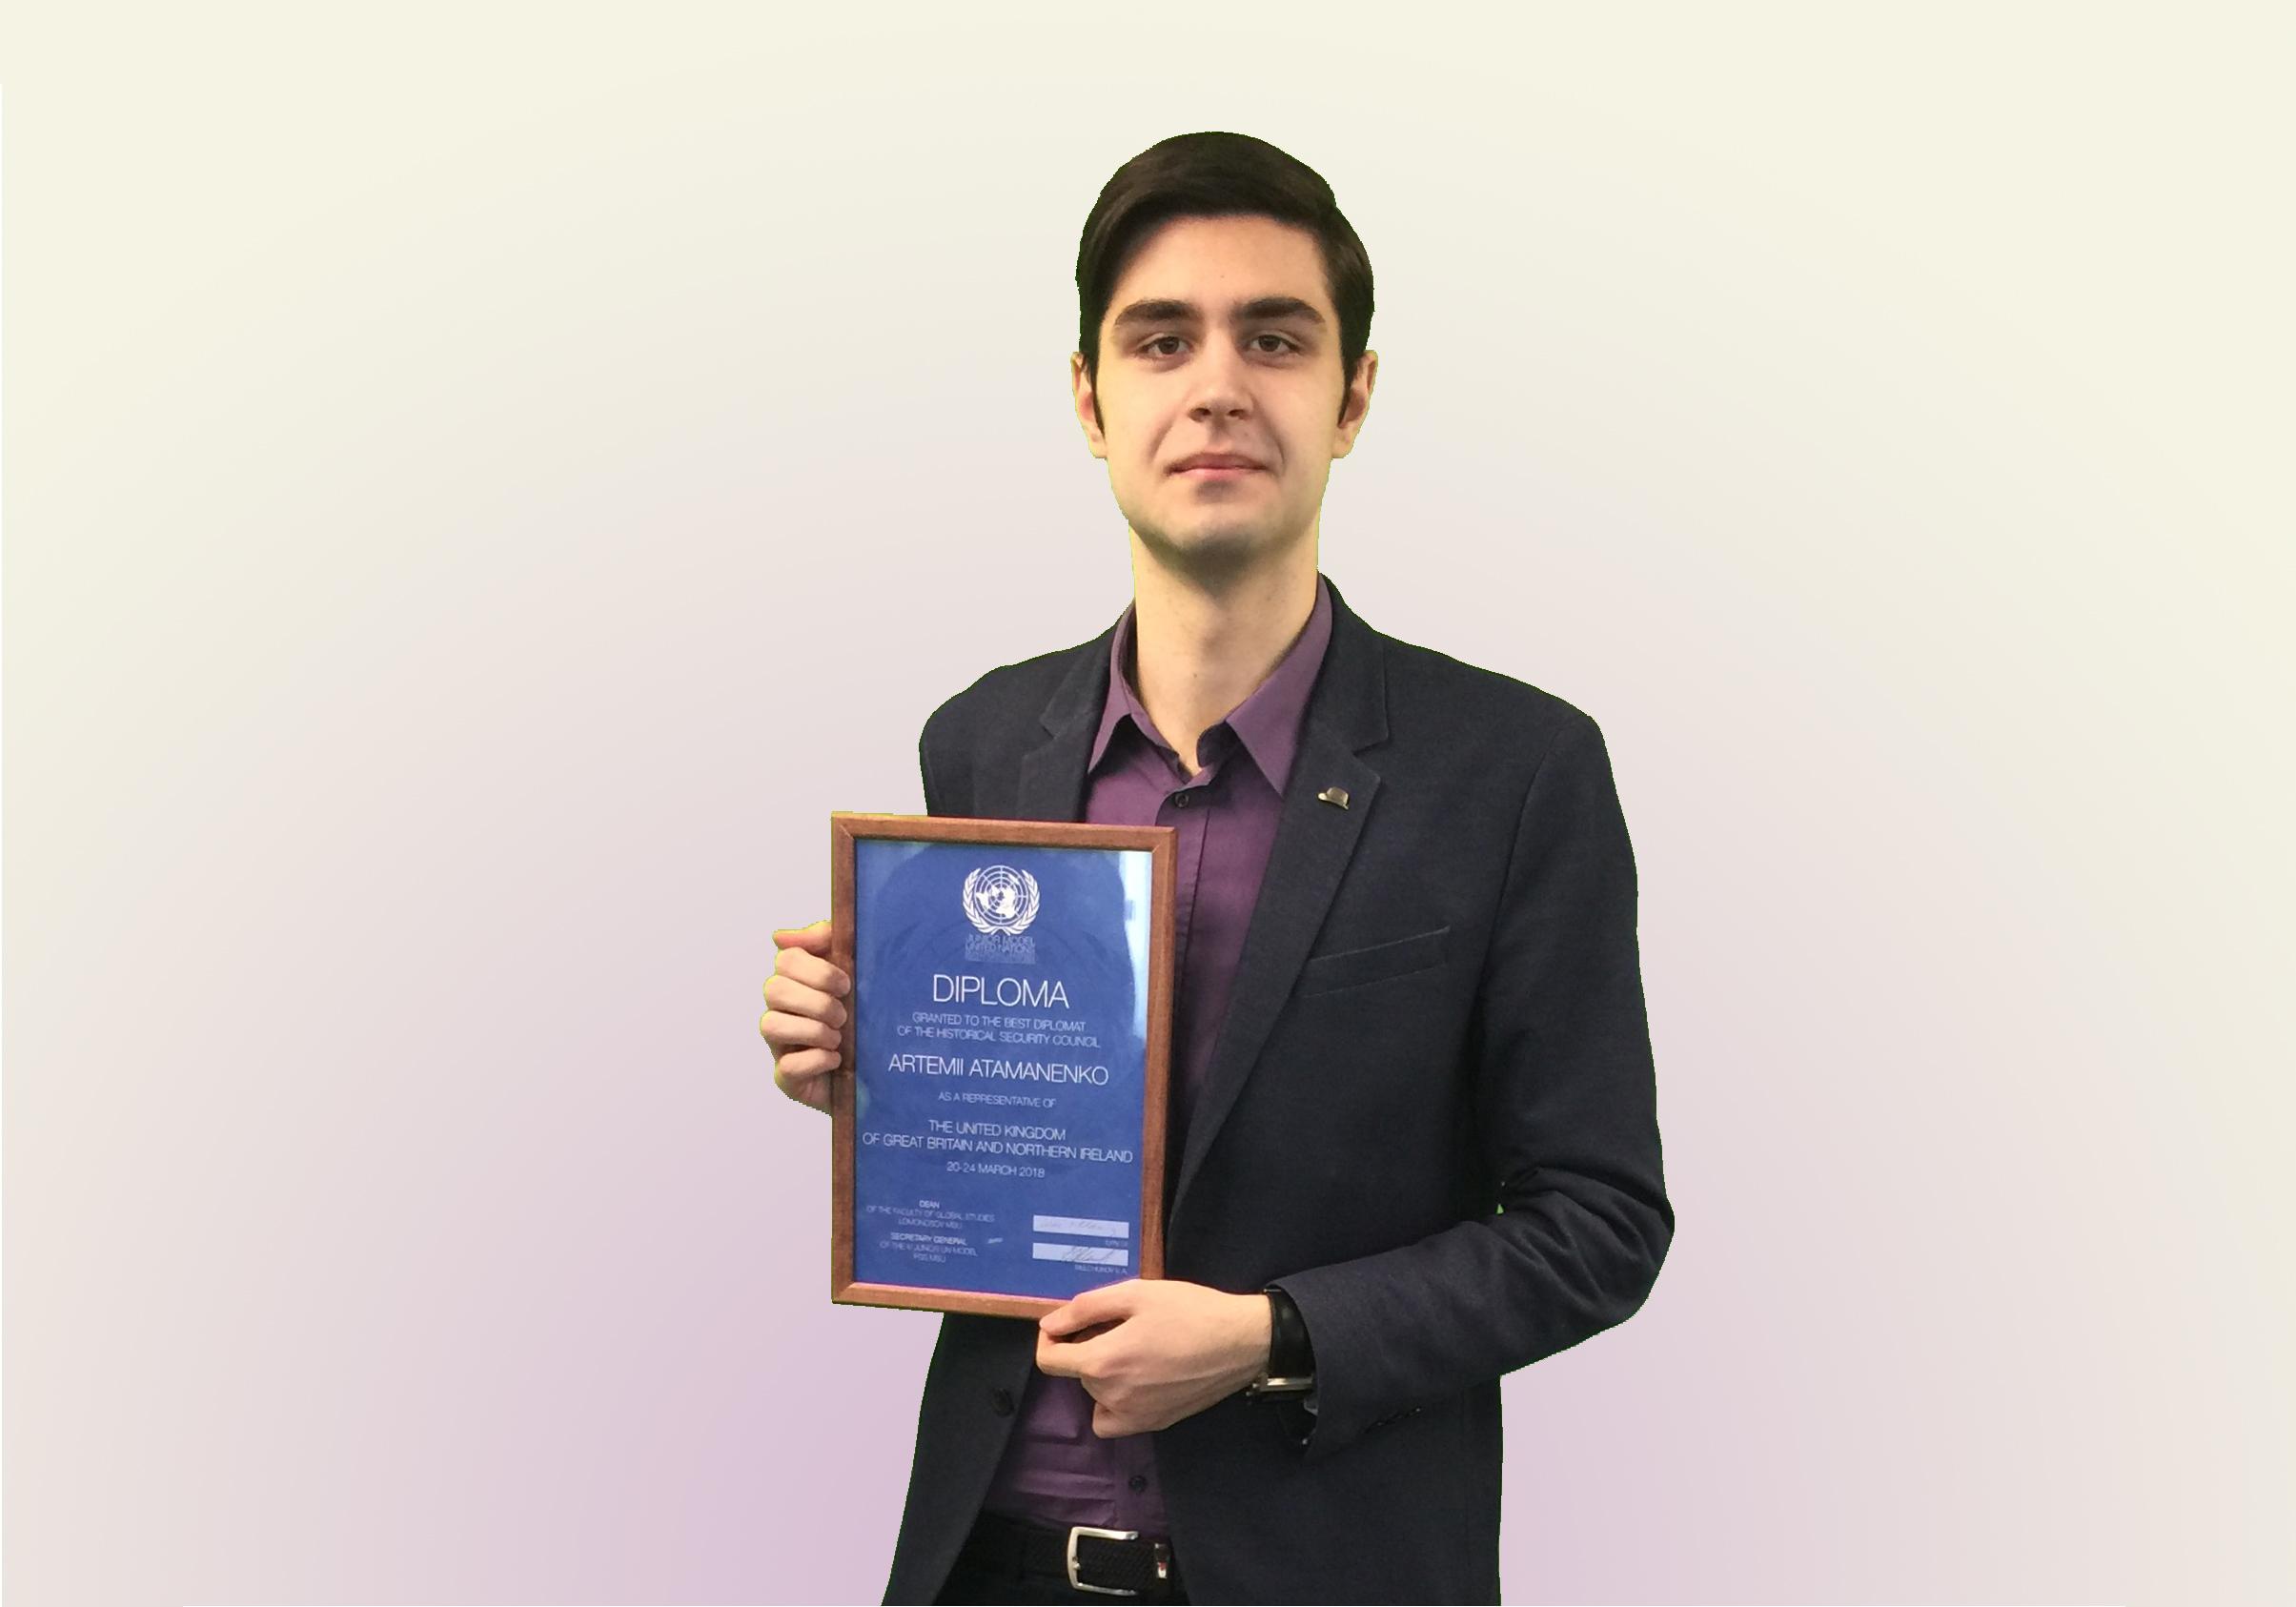 Учащийся Лицея Президентской академии – лучший дипломат Совбеза Юниорской модели ООН